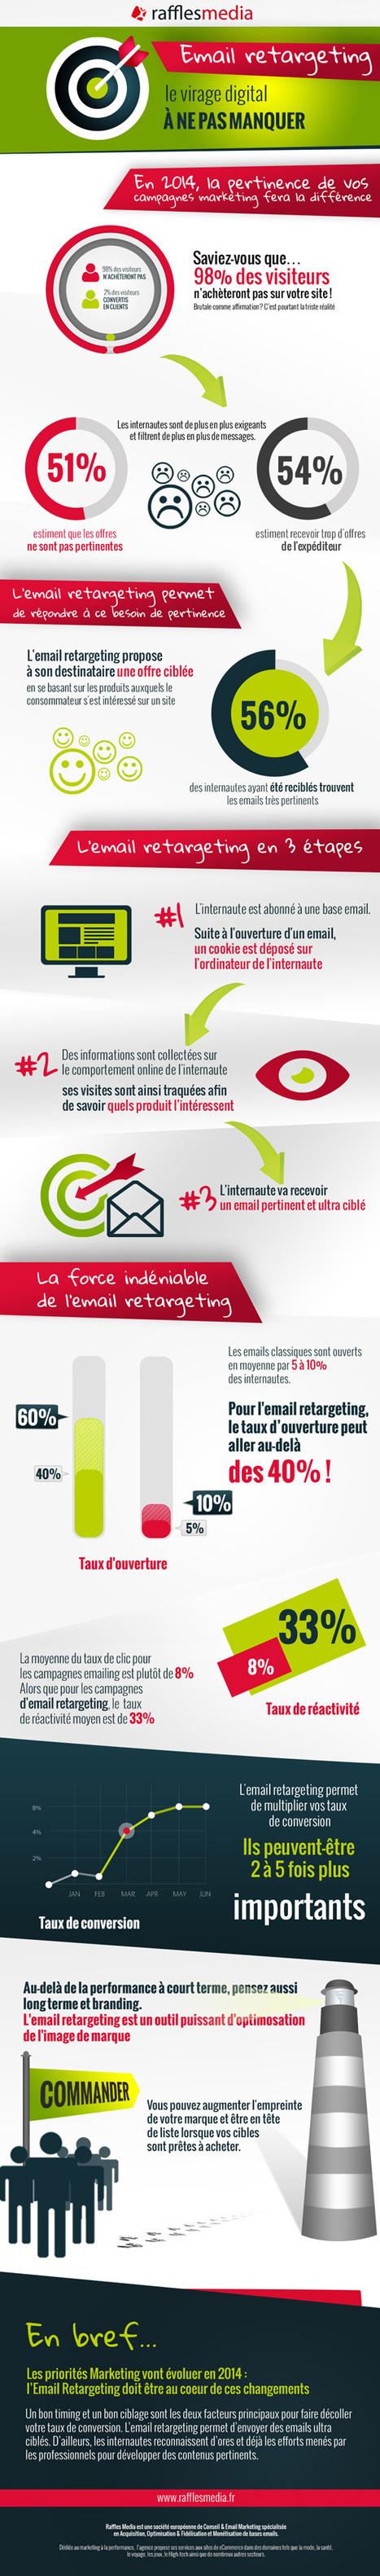 L'email retargeting: Le nouveau must du marketing digital! | la visibilite web des PME et TPE strategie webmarketing et social media | Scoop.it